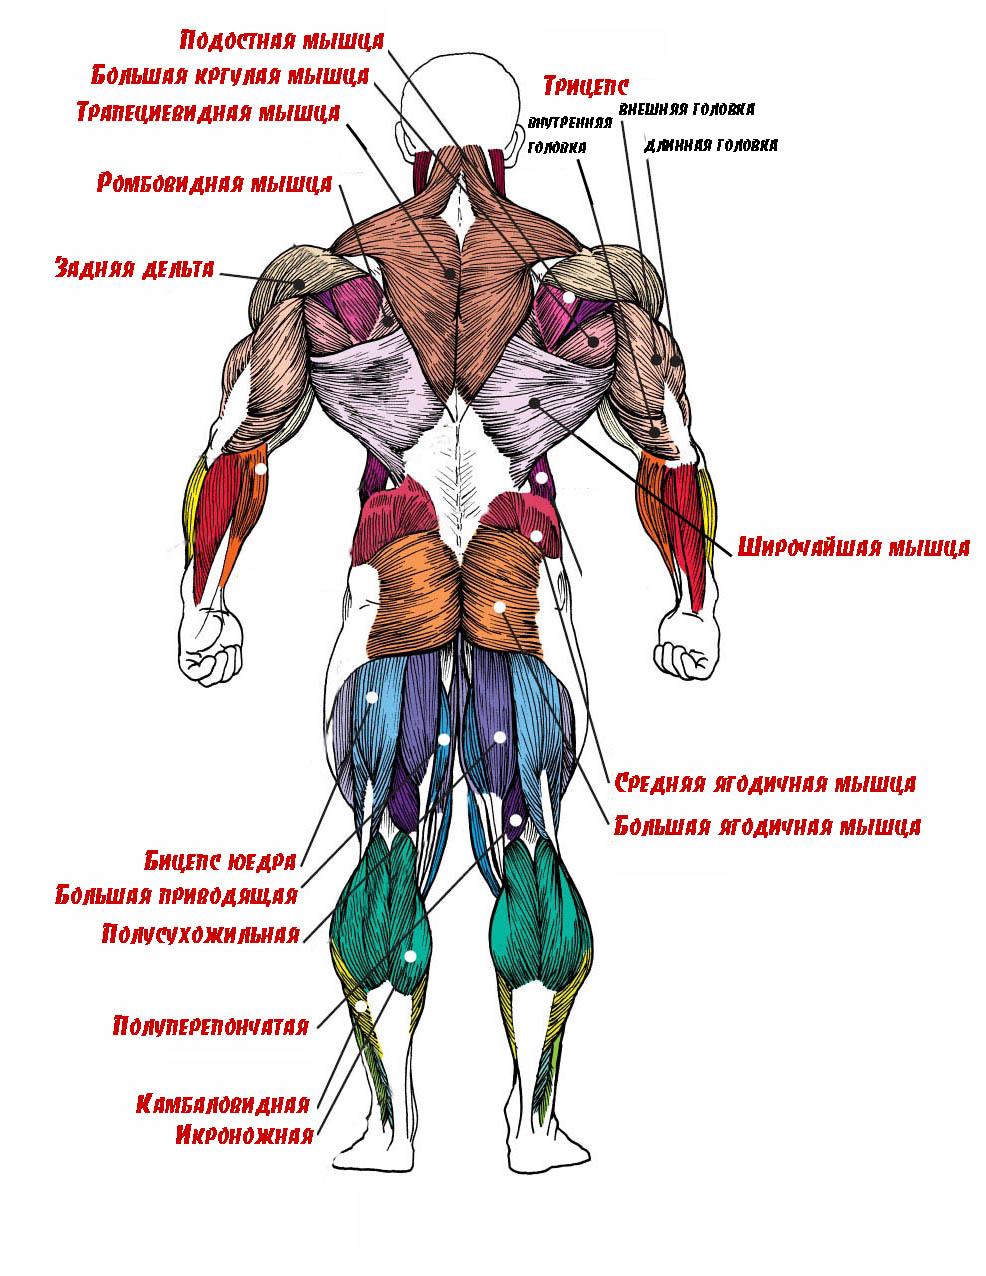 мышцы человека фото с описанием мышц бодибилдинг сделают любой день